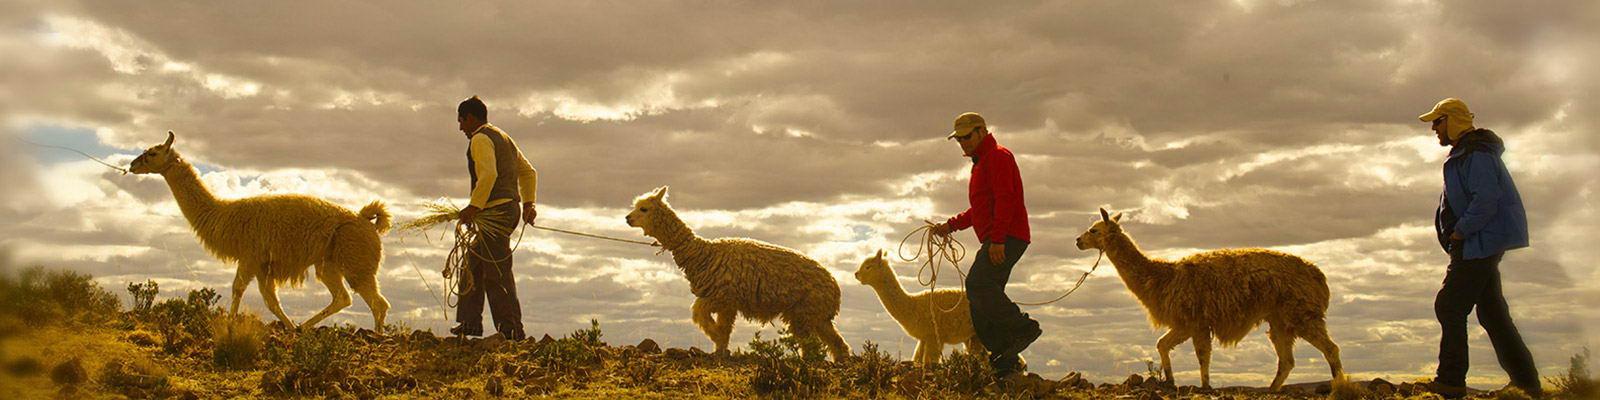 Guía de viaje: Cusco y Valle Sagrado